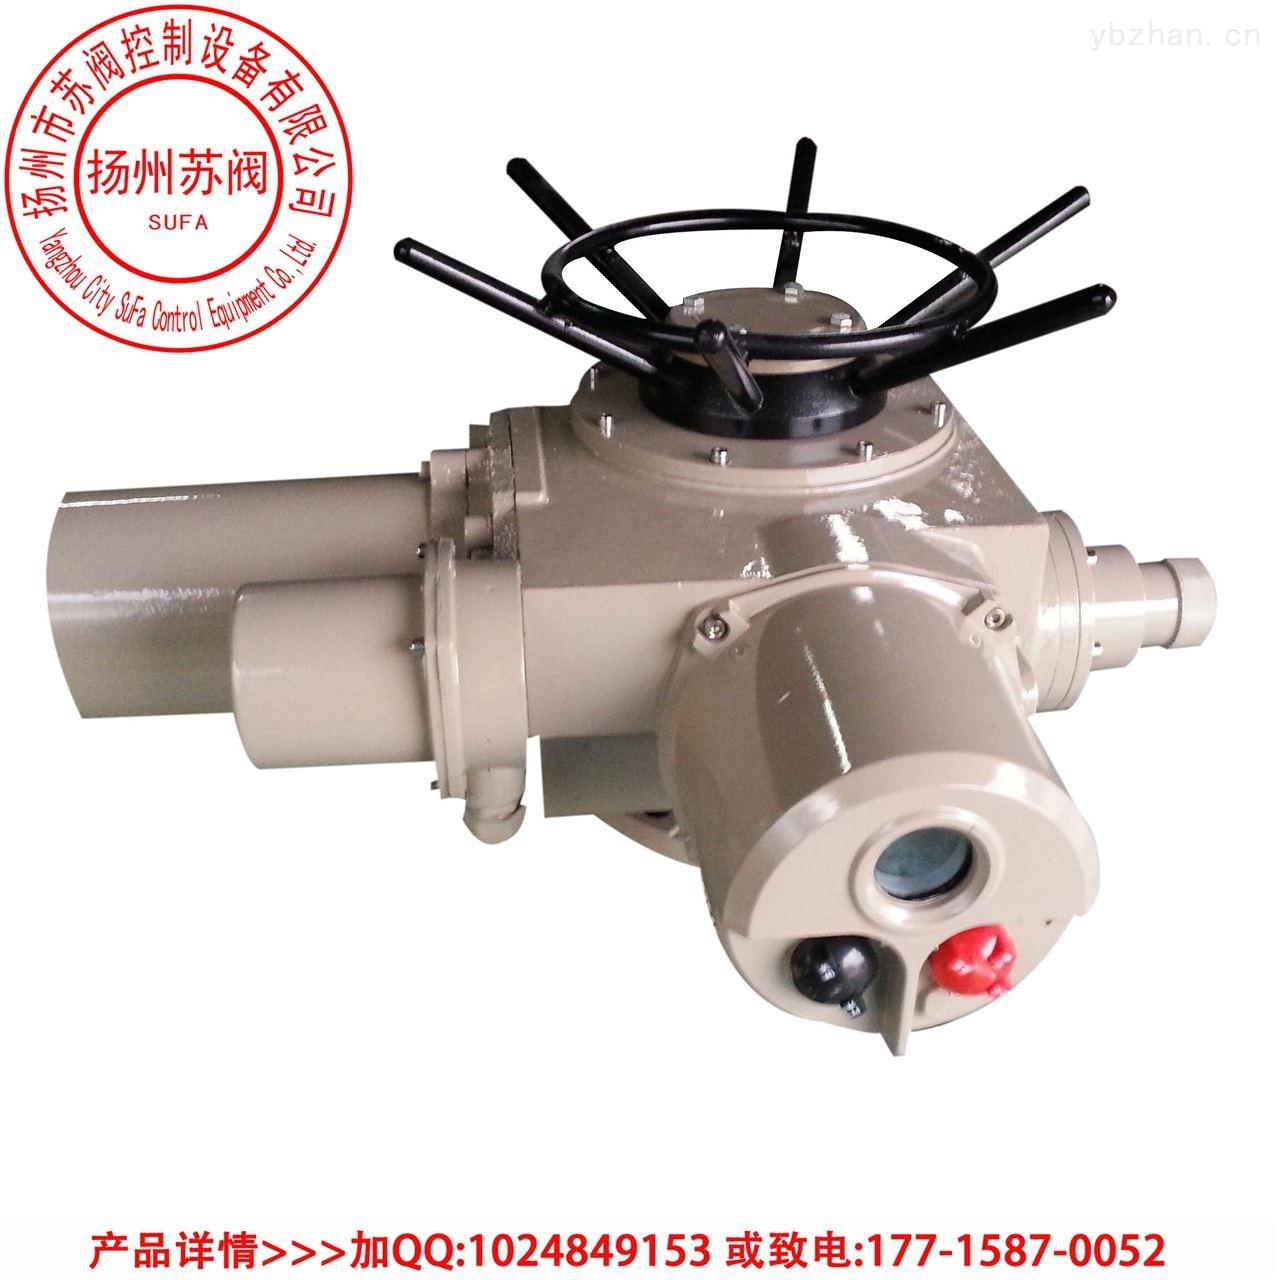 扬州苏阀厂家直销智能型电动执行器